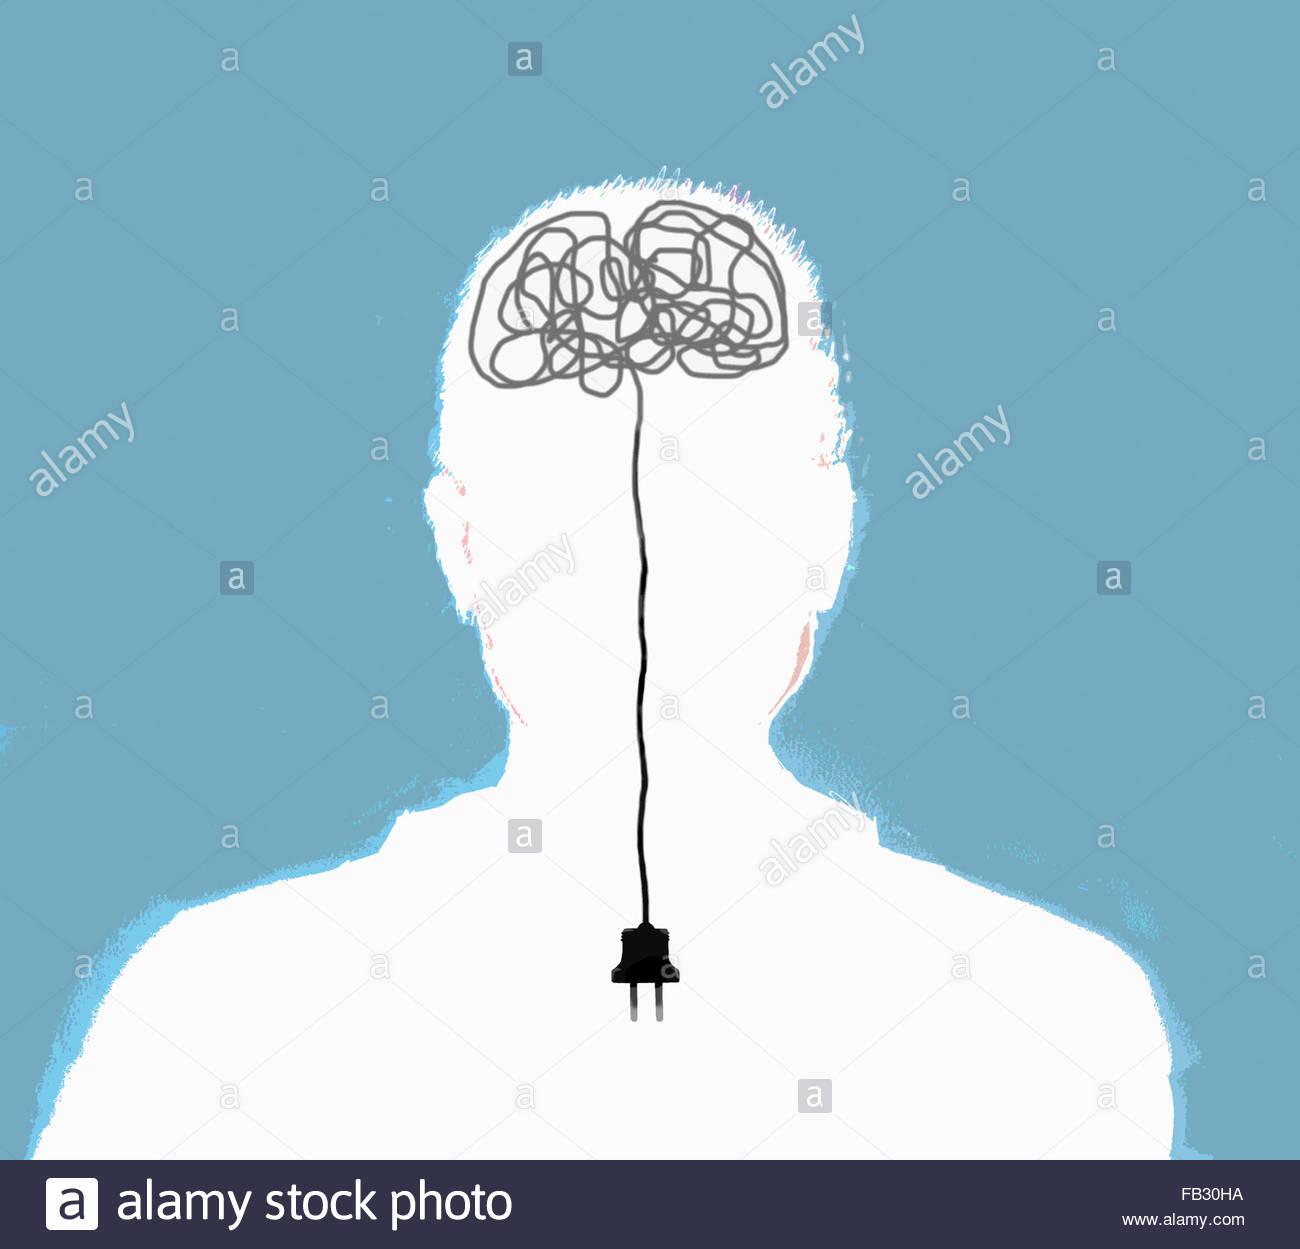 Mann mit unplugged elektrischen Kabelsalat im Gehirn Stockbild